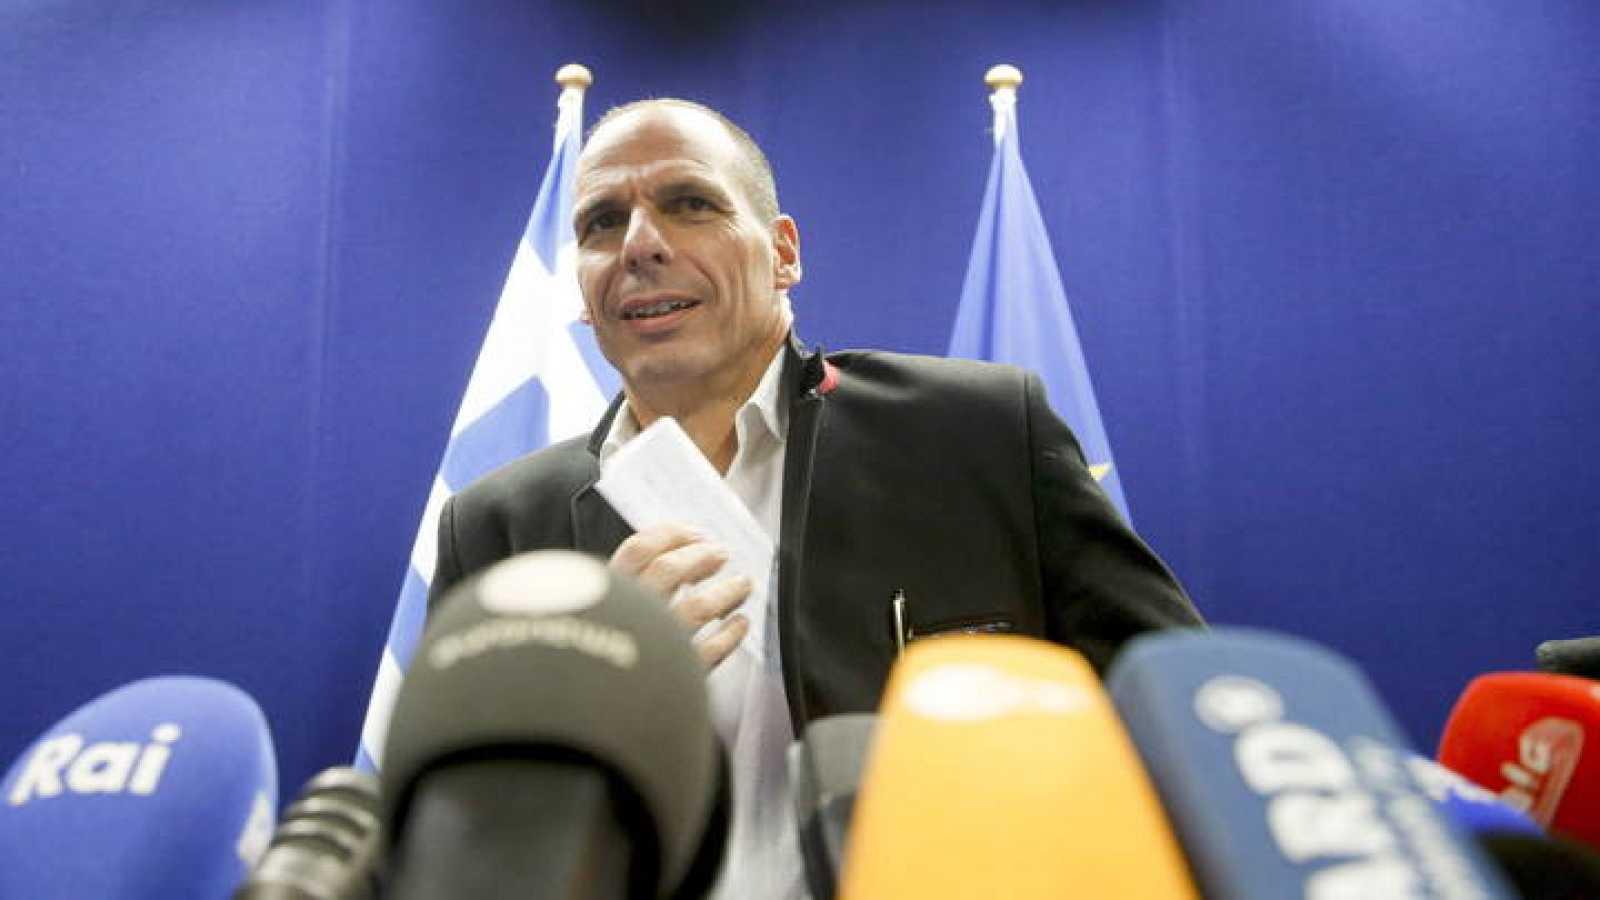 El ministro de Finanzas griego, Yanis Varufakis, al inicio de una rueda de prensa